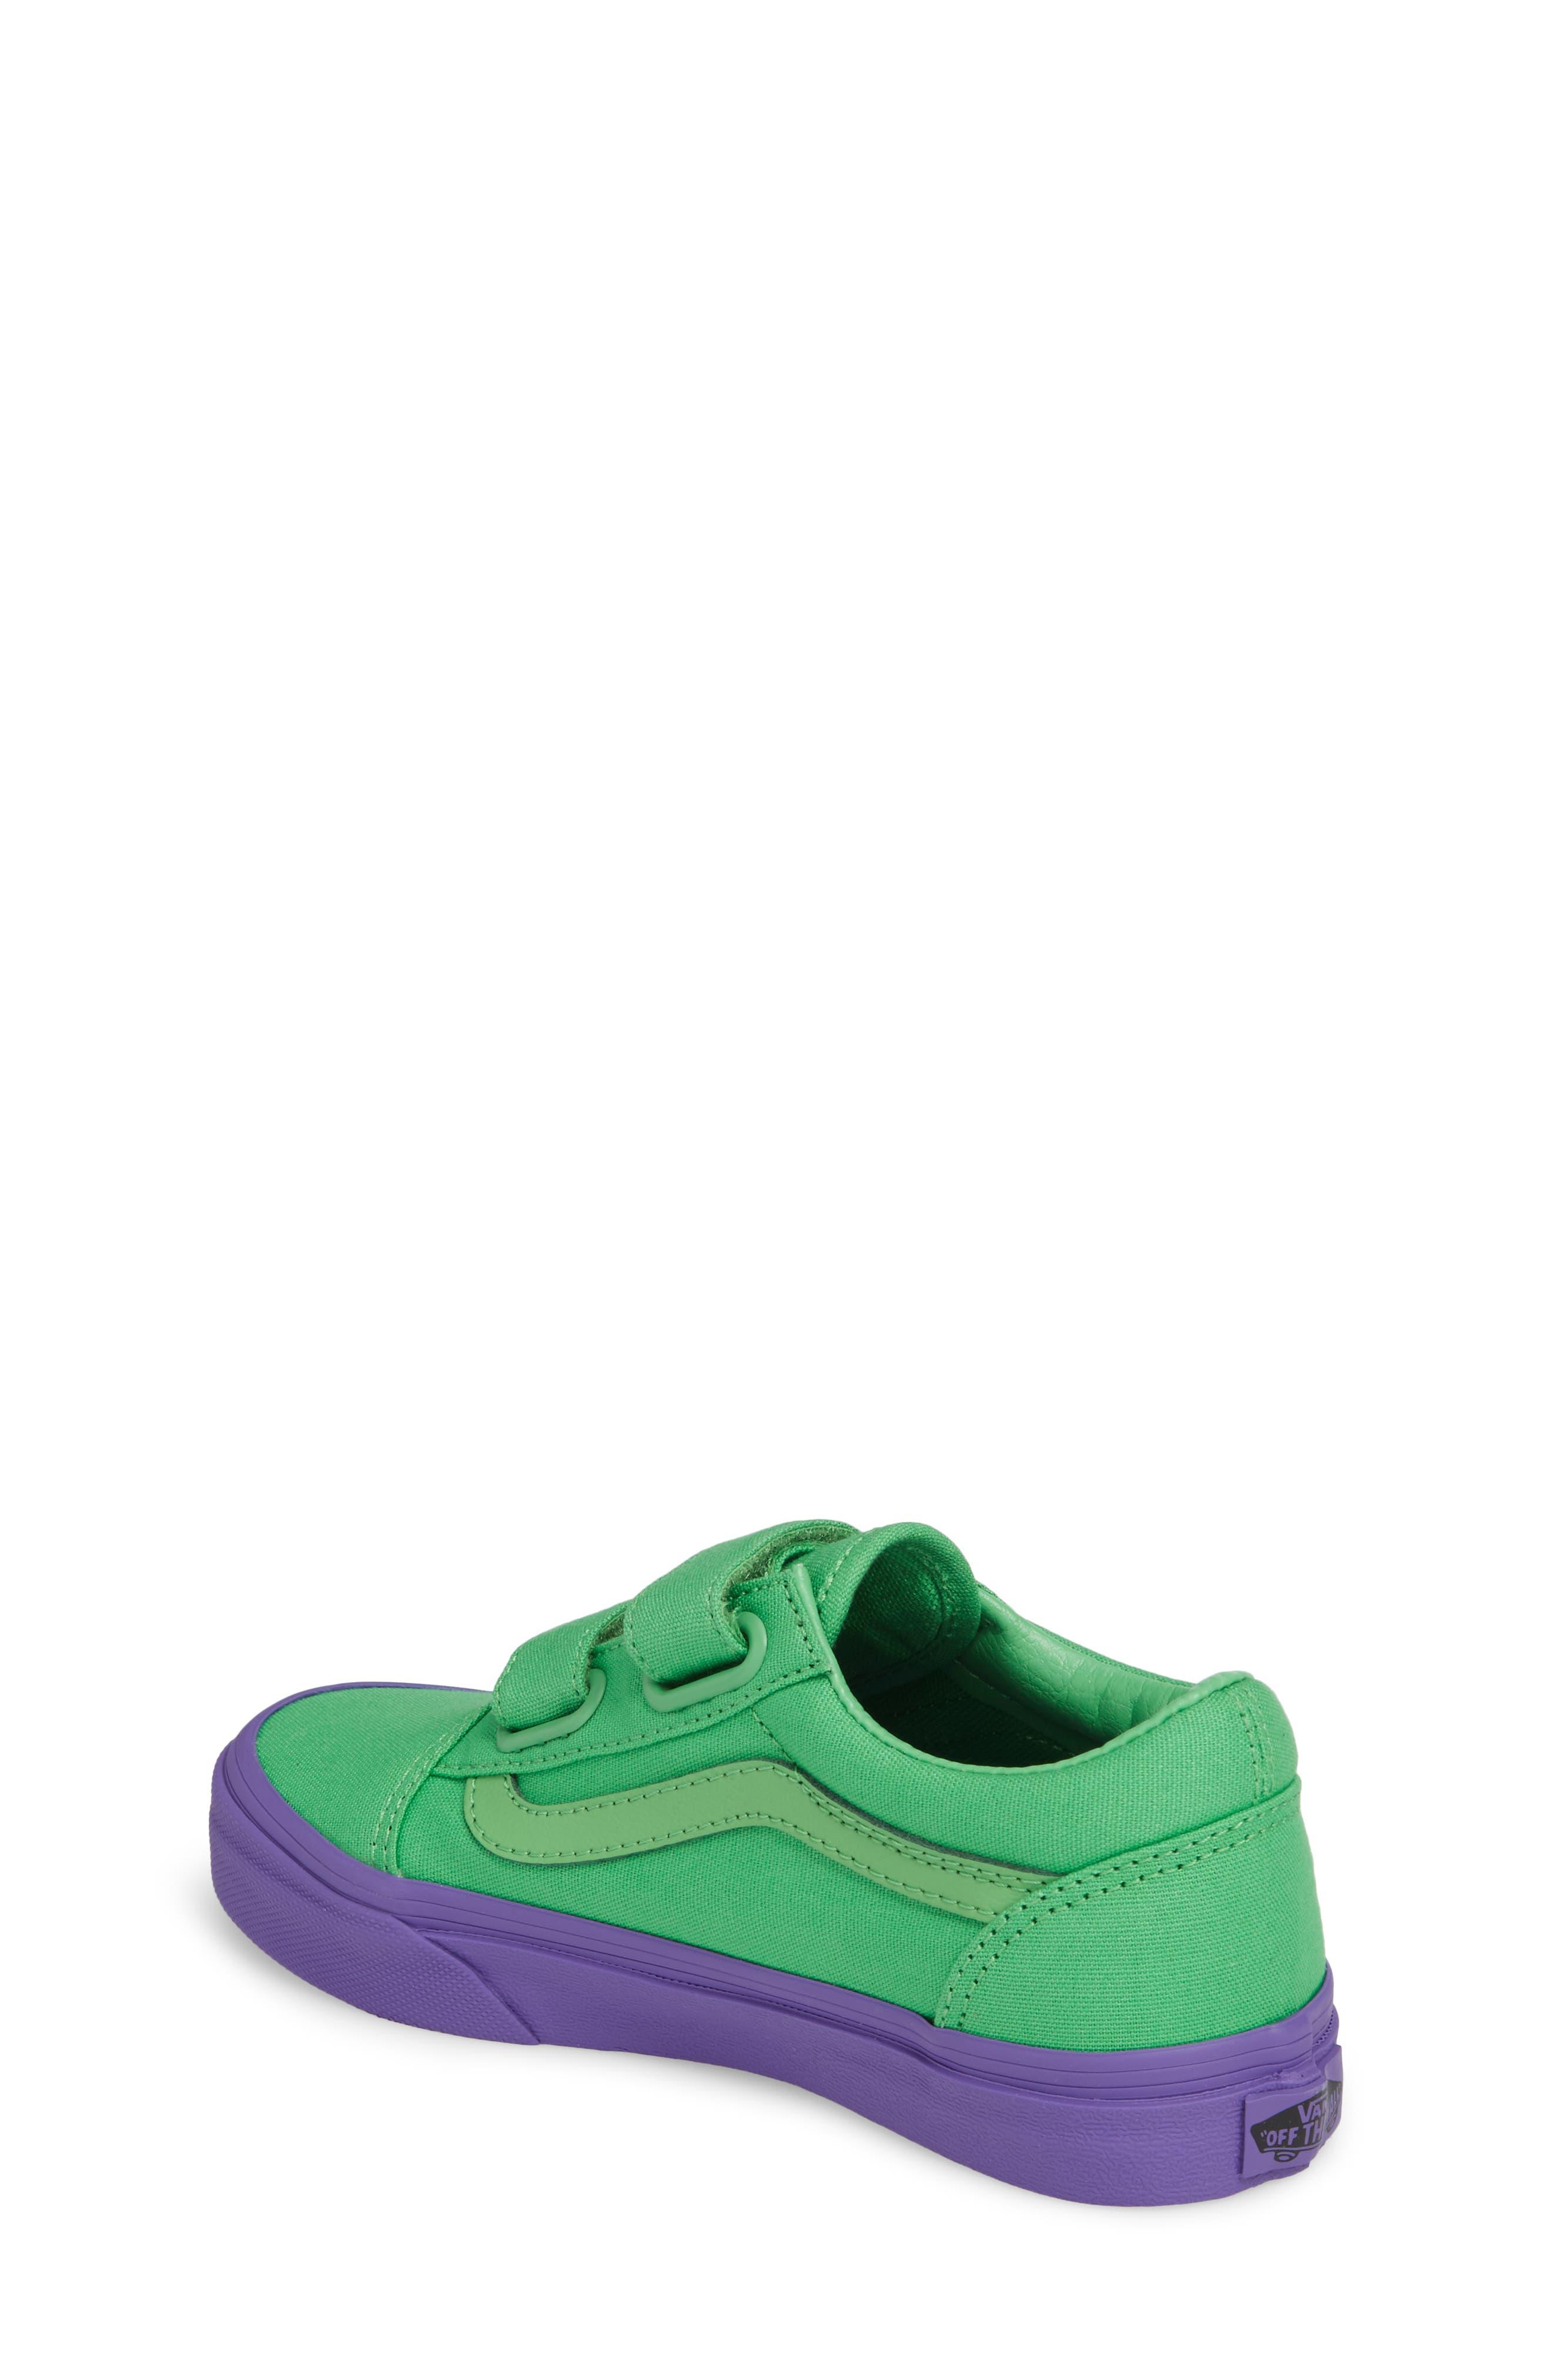 VANS,                             Old Skool V Sneaker,                             Alternate thumbnail 2, color,                             310